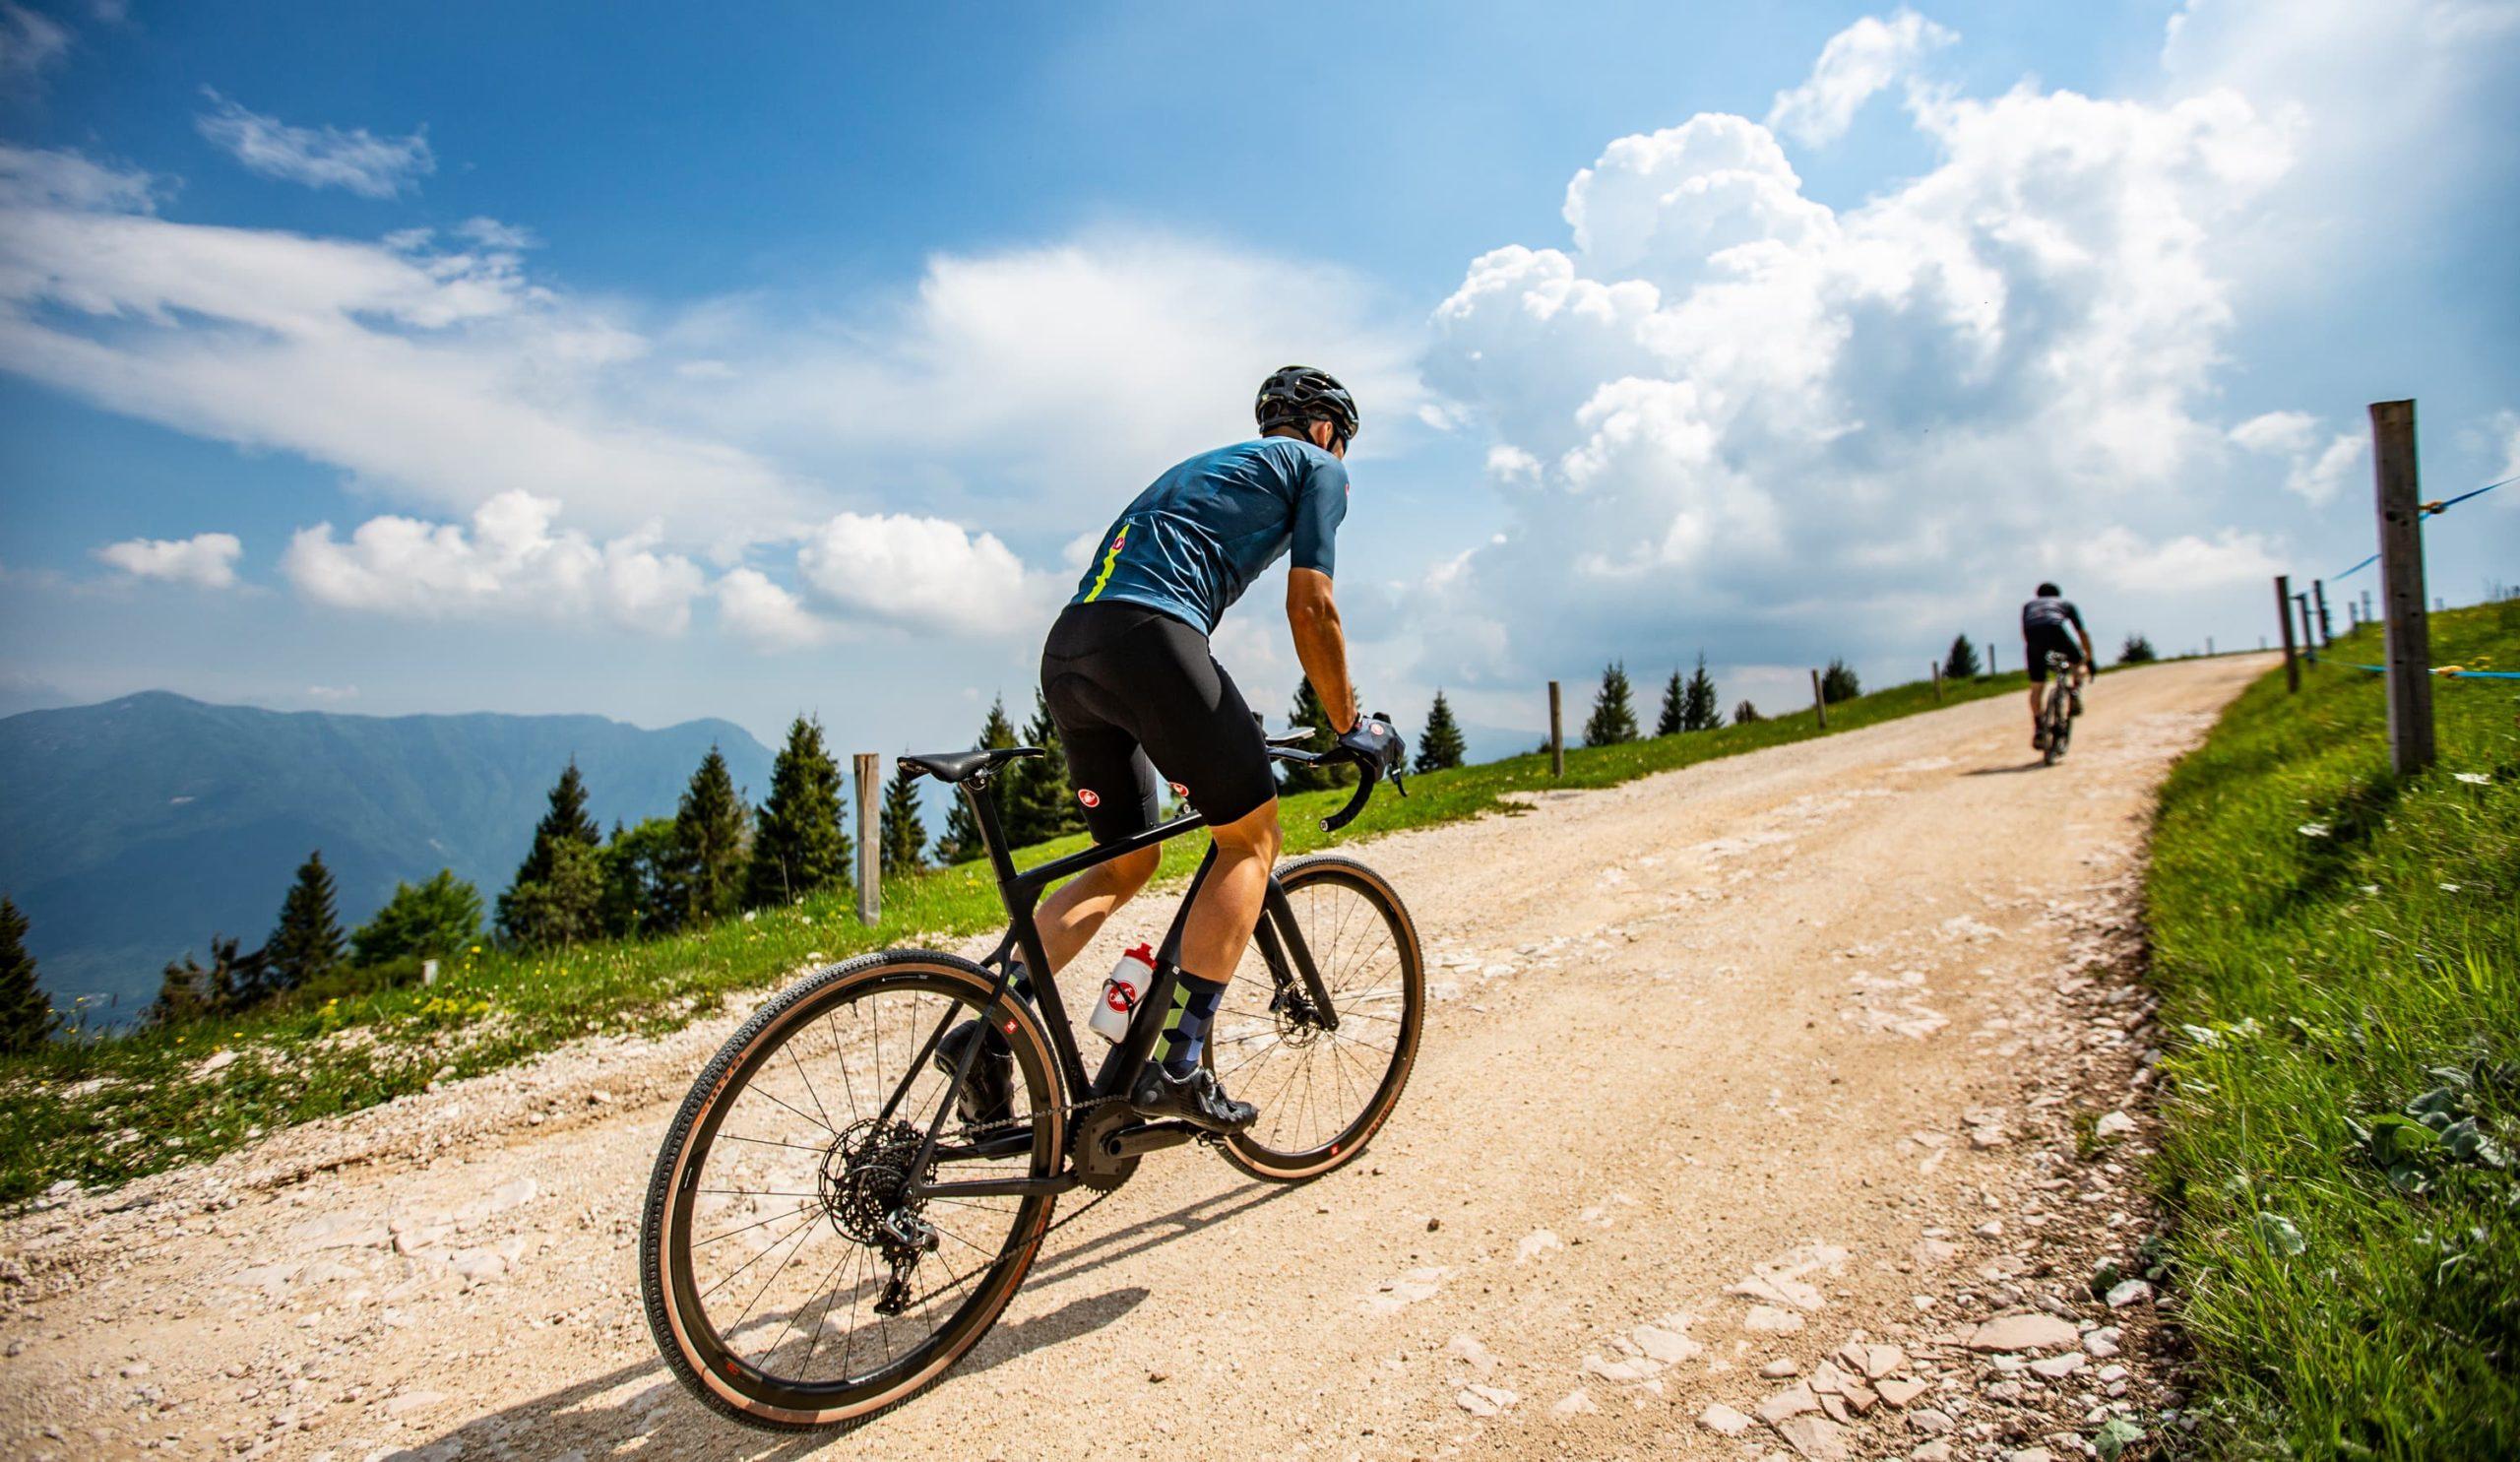 skarpety kolarskie sprawdzają się w jeździe rowerem gravelowym